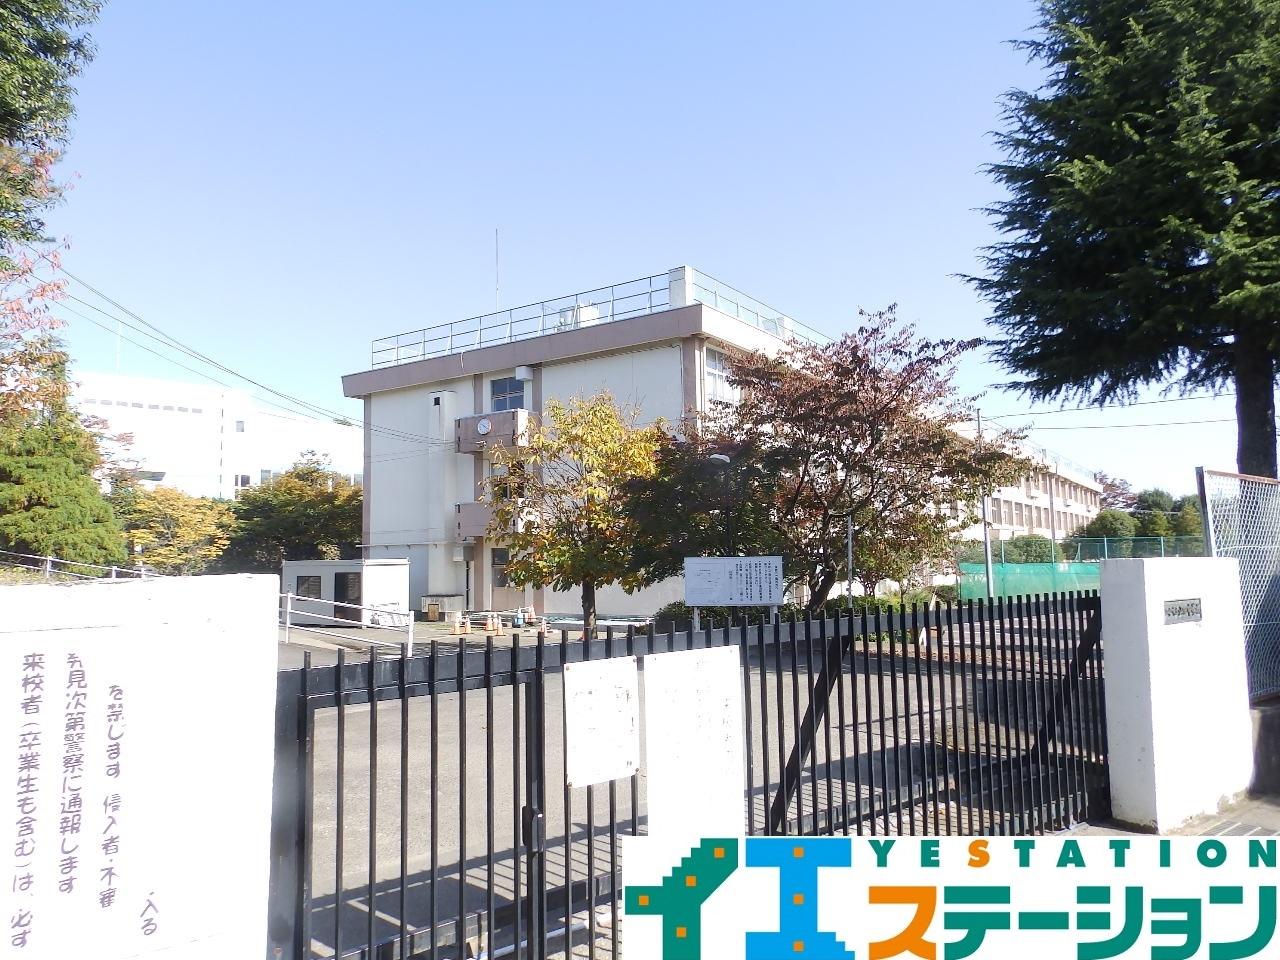 仙台市立山田中学校